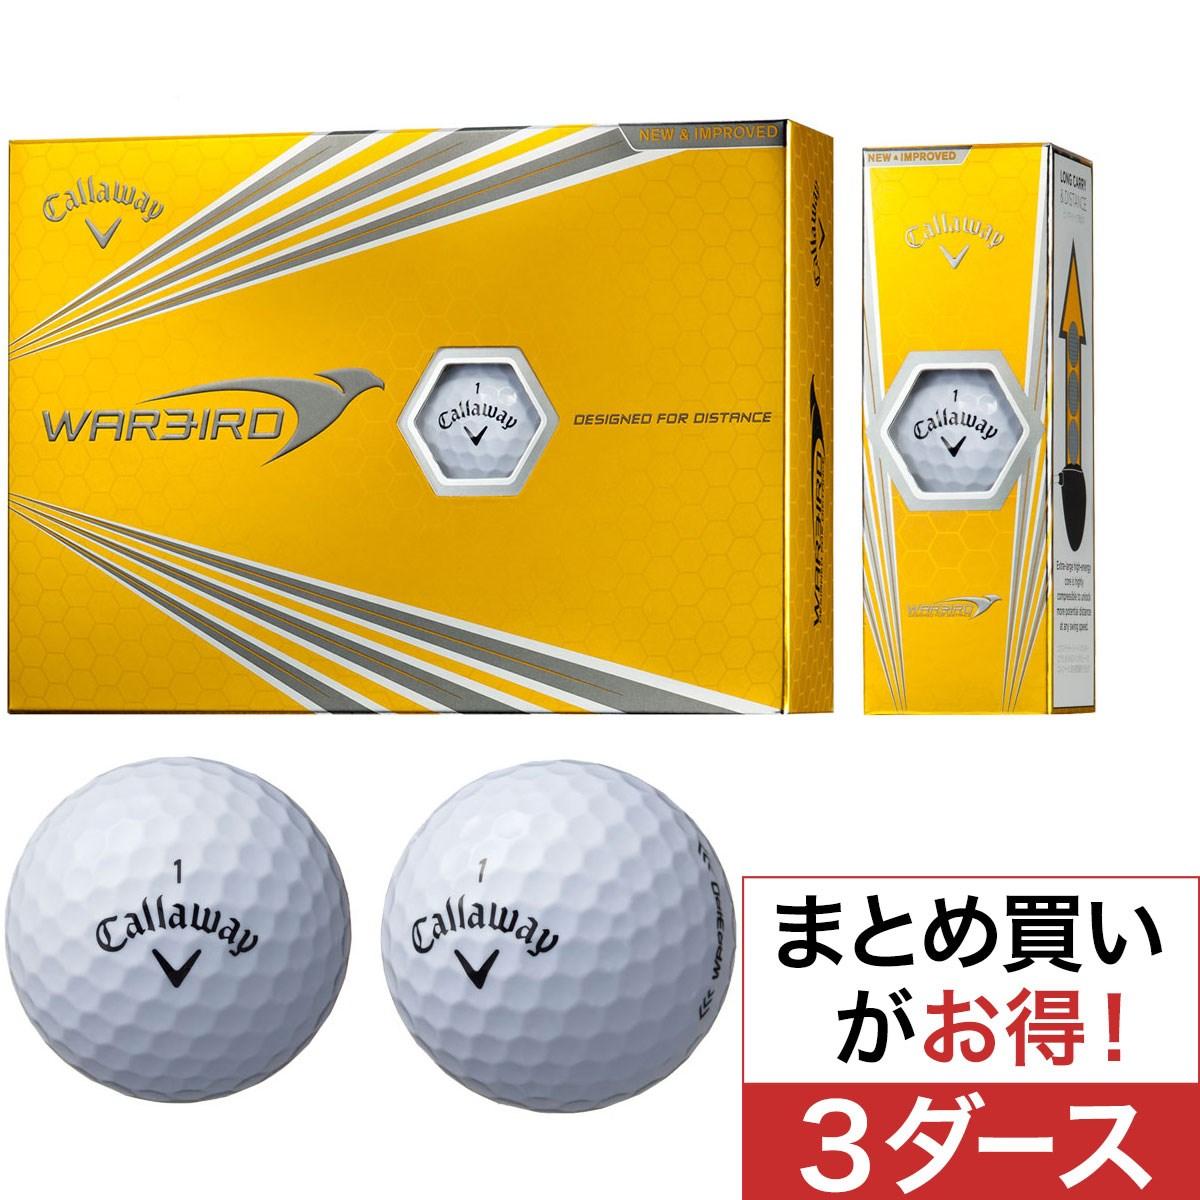 キャロウェイゴルフ(Callaway Golf) ウォーバード ボール 2017年モデル 3ダースセット